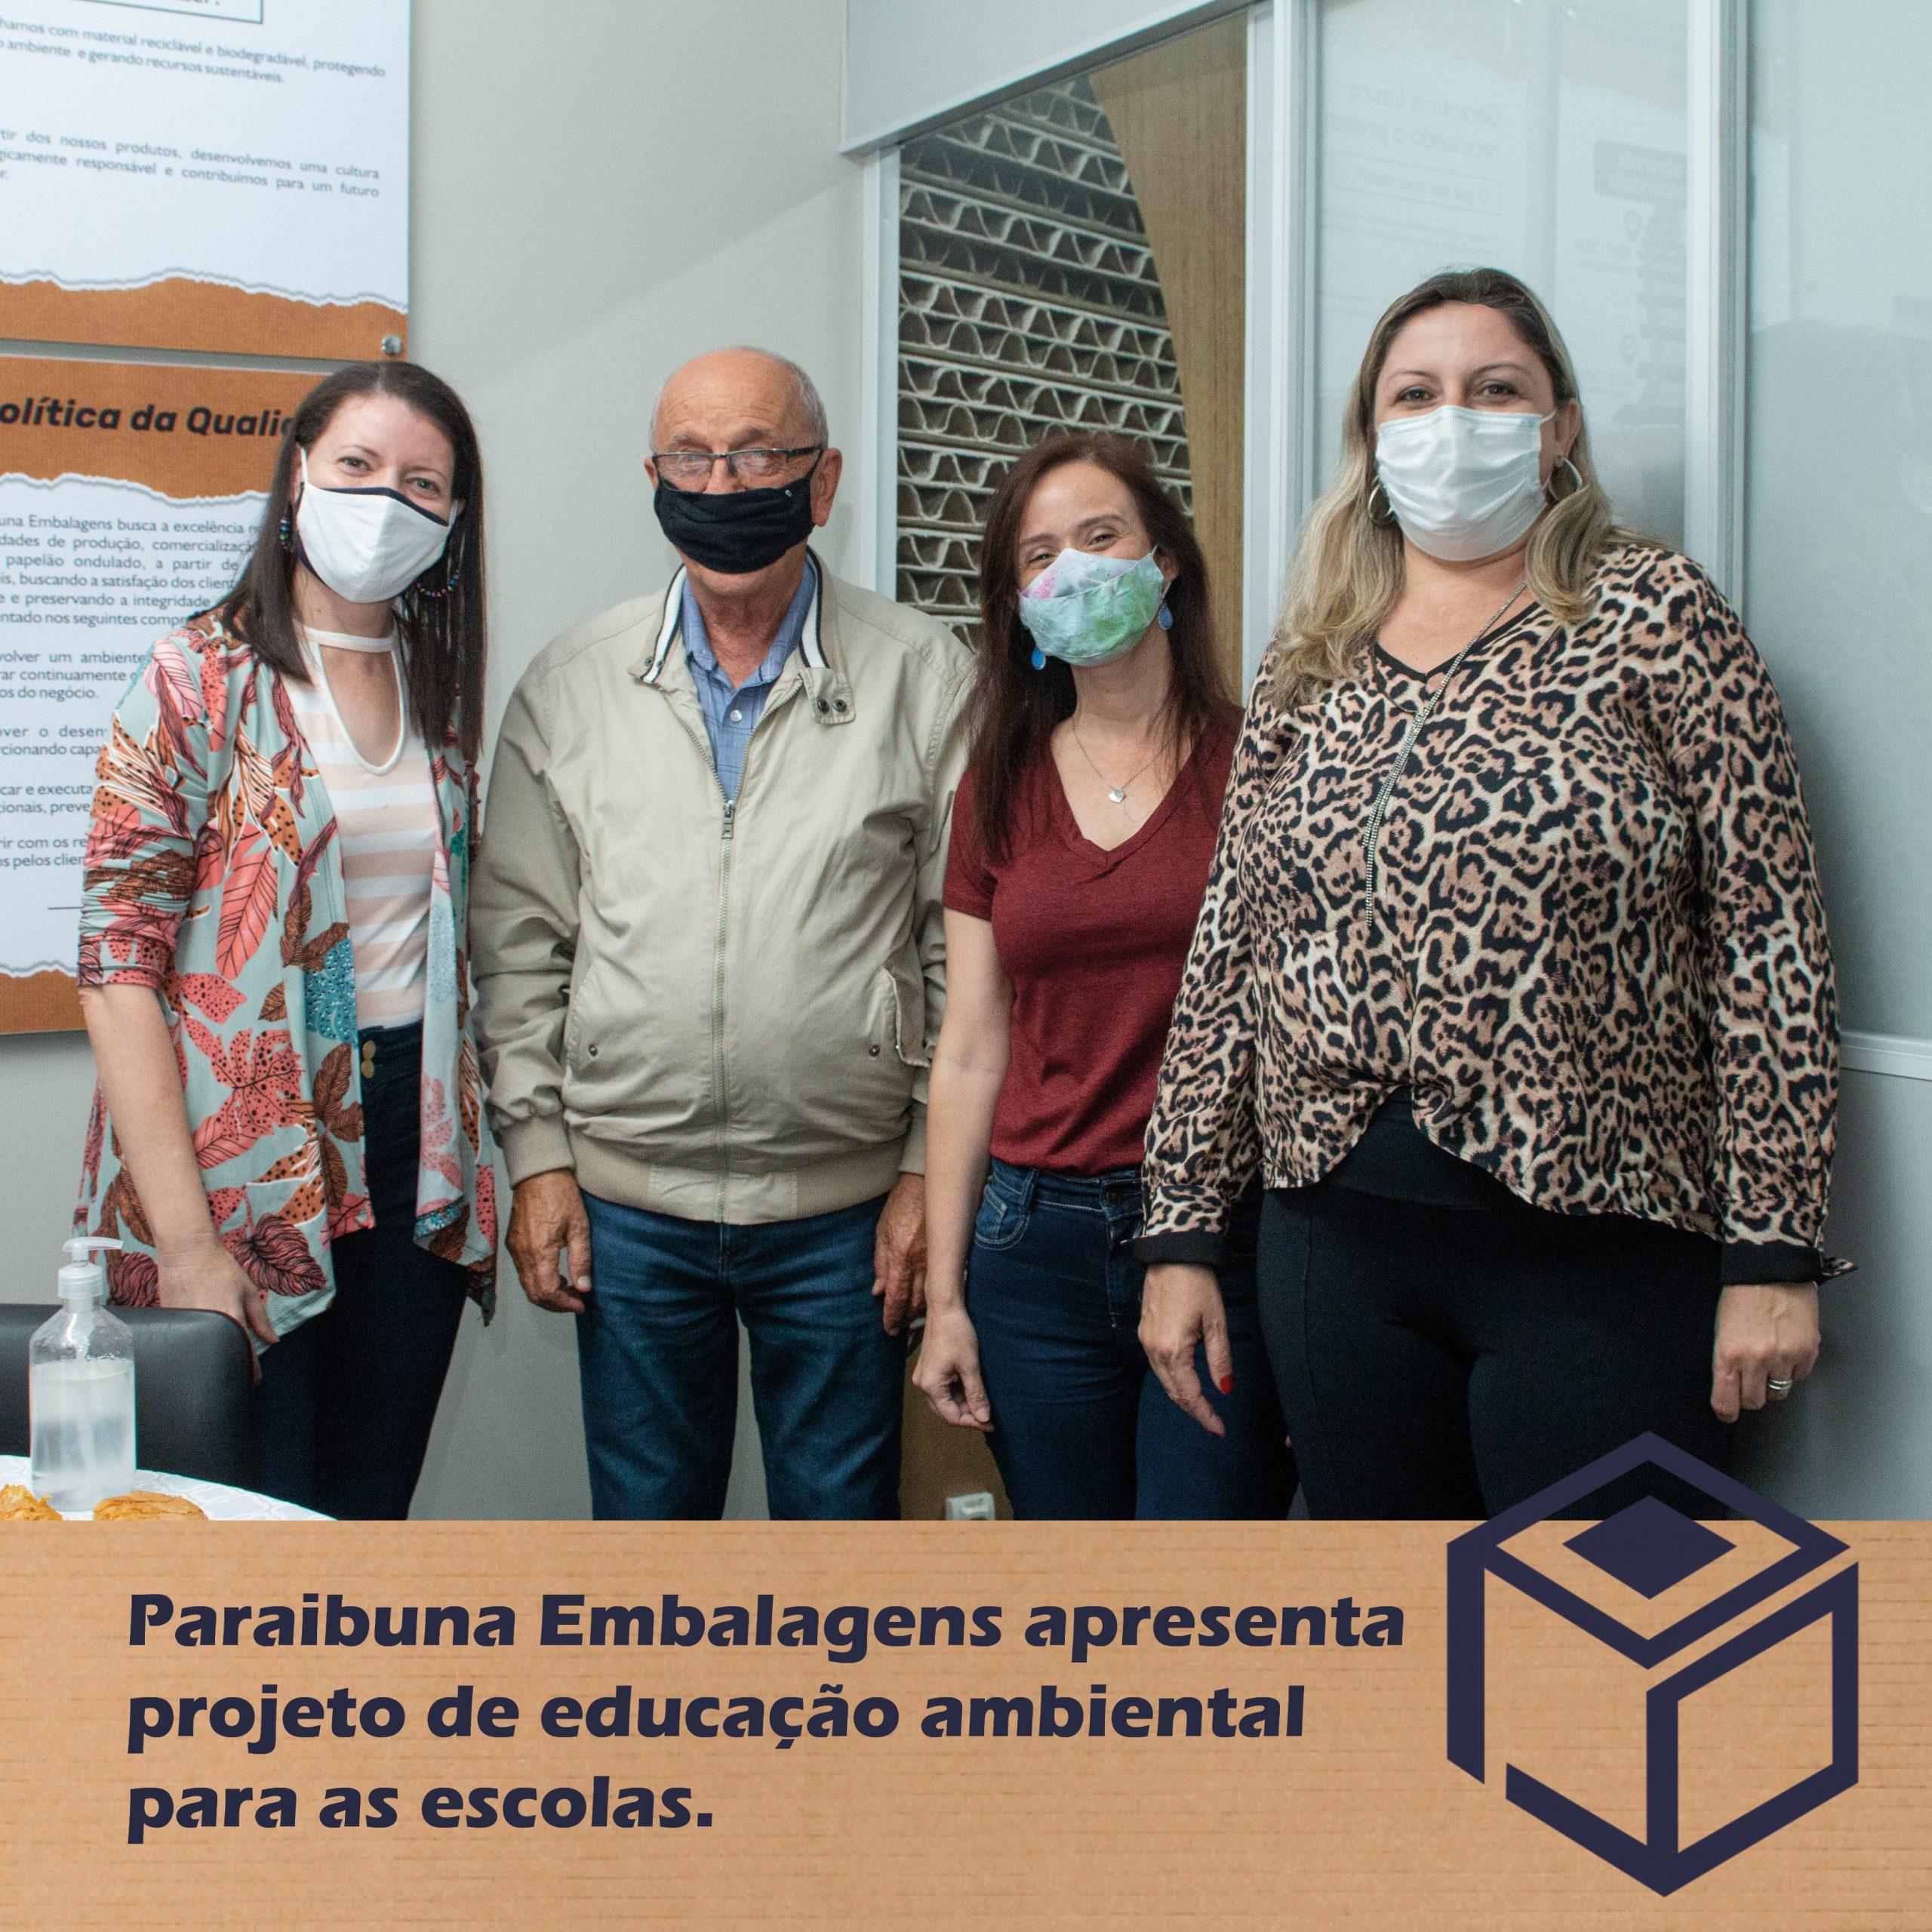 Paraibuna Embalagens apresenta projeto de educação ambiental para as escolas